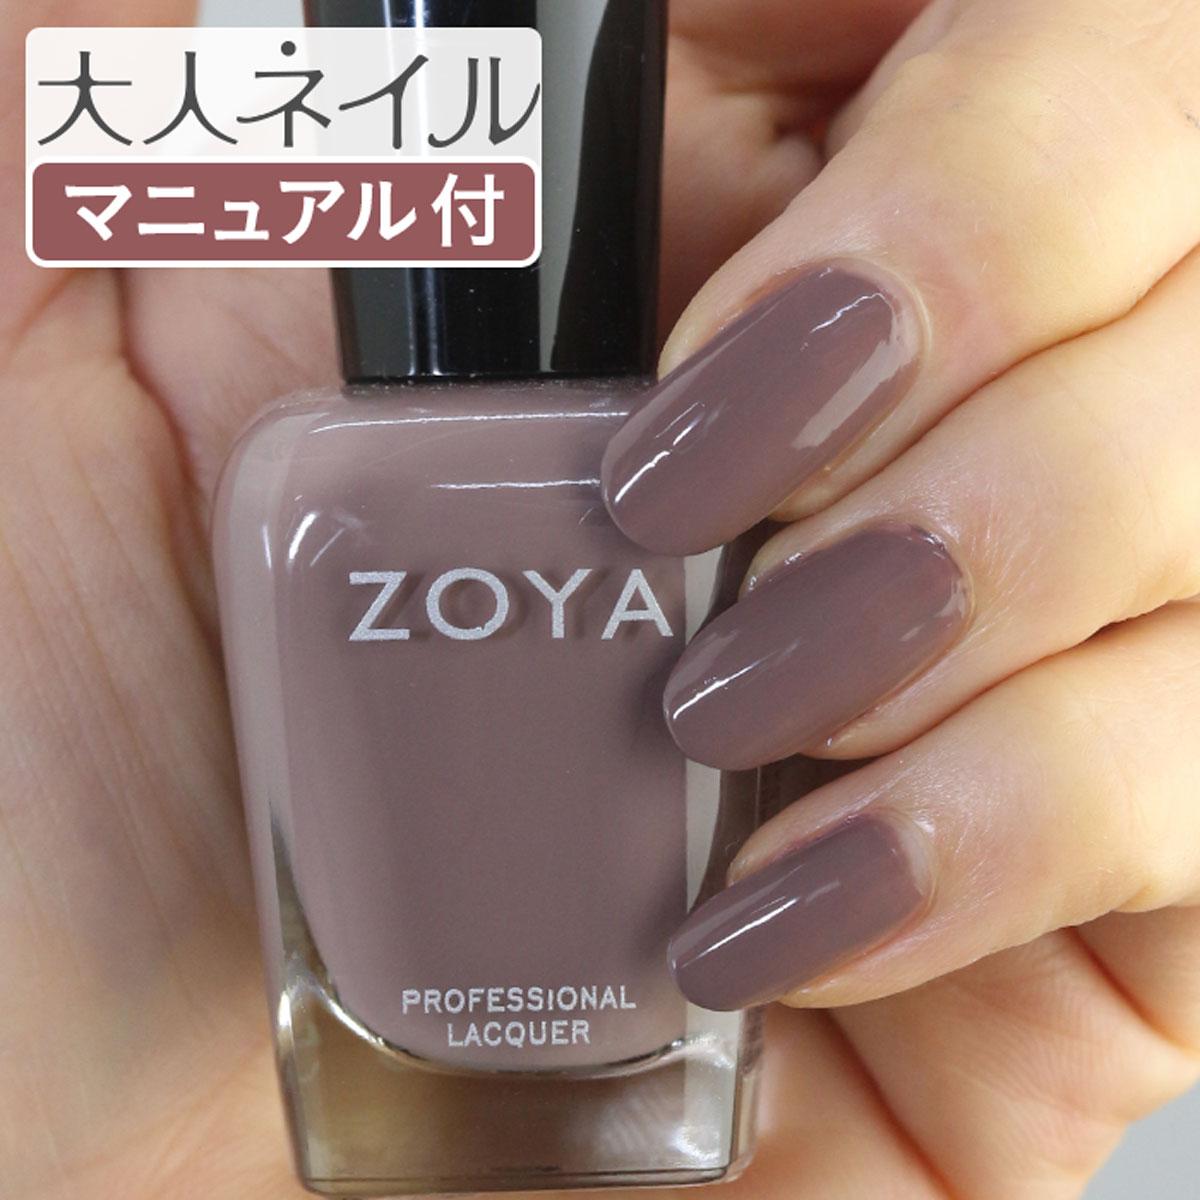 ZOYA ゾーヤ ゾヤ ネイルカラー ZP709 15mL NORMANI ノルマーニ 自爪 の為に作られた ネイル にやさしい 自然派 マニキュア zoya セルフネイル にもおすすめ パープルモーブ 秋カラー 秋ネイル